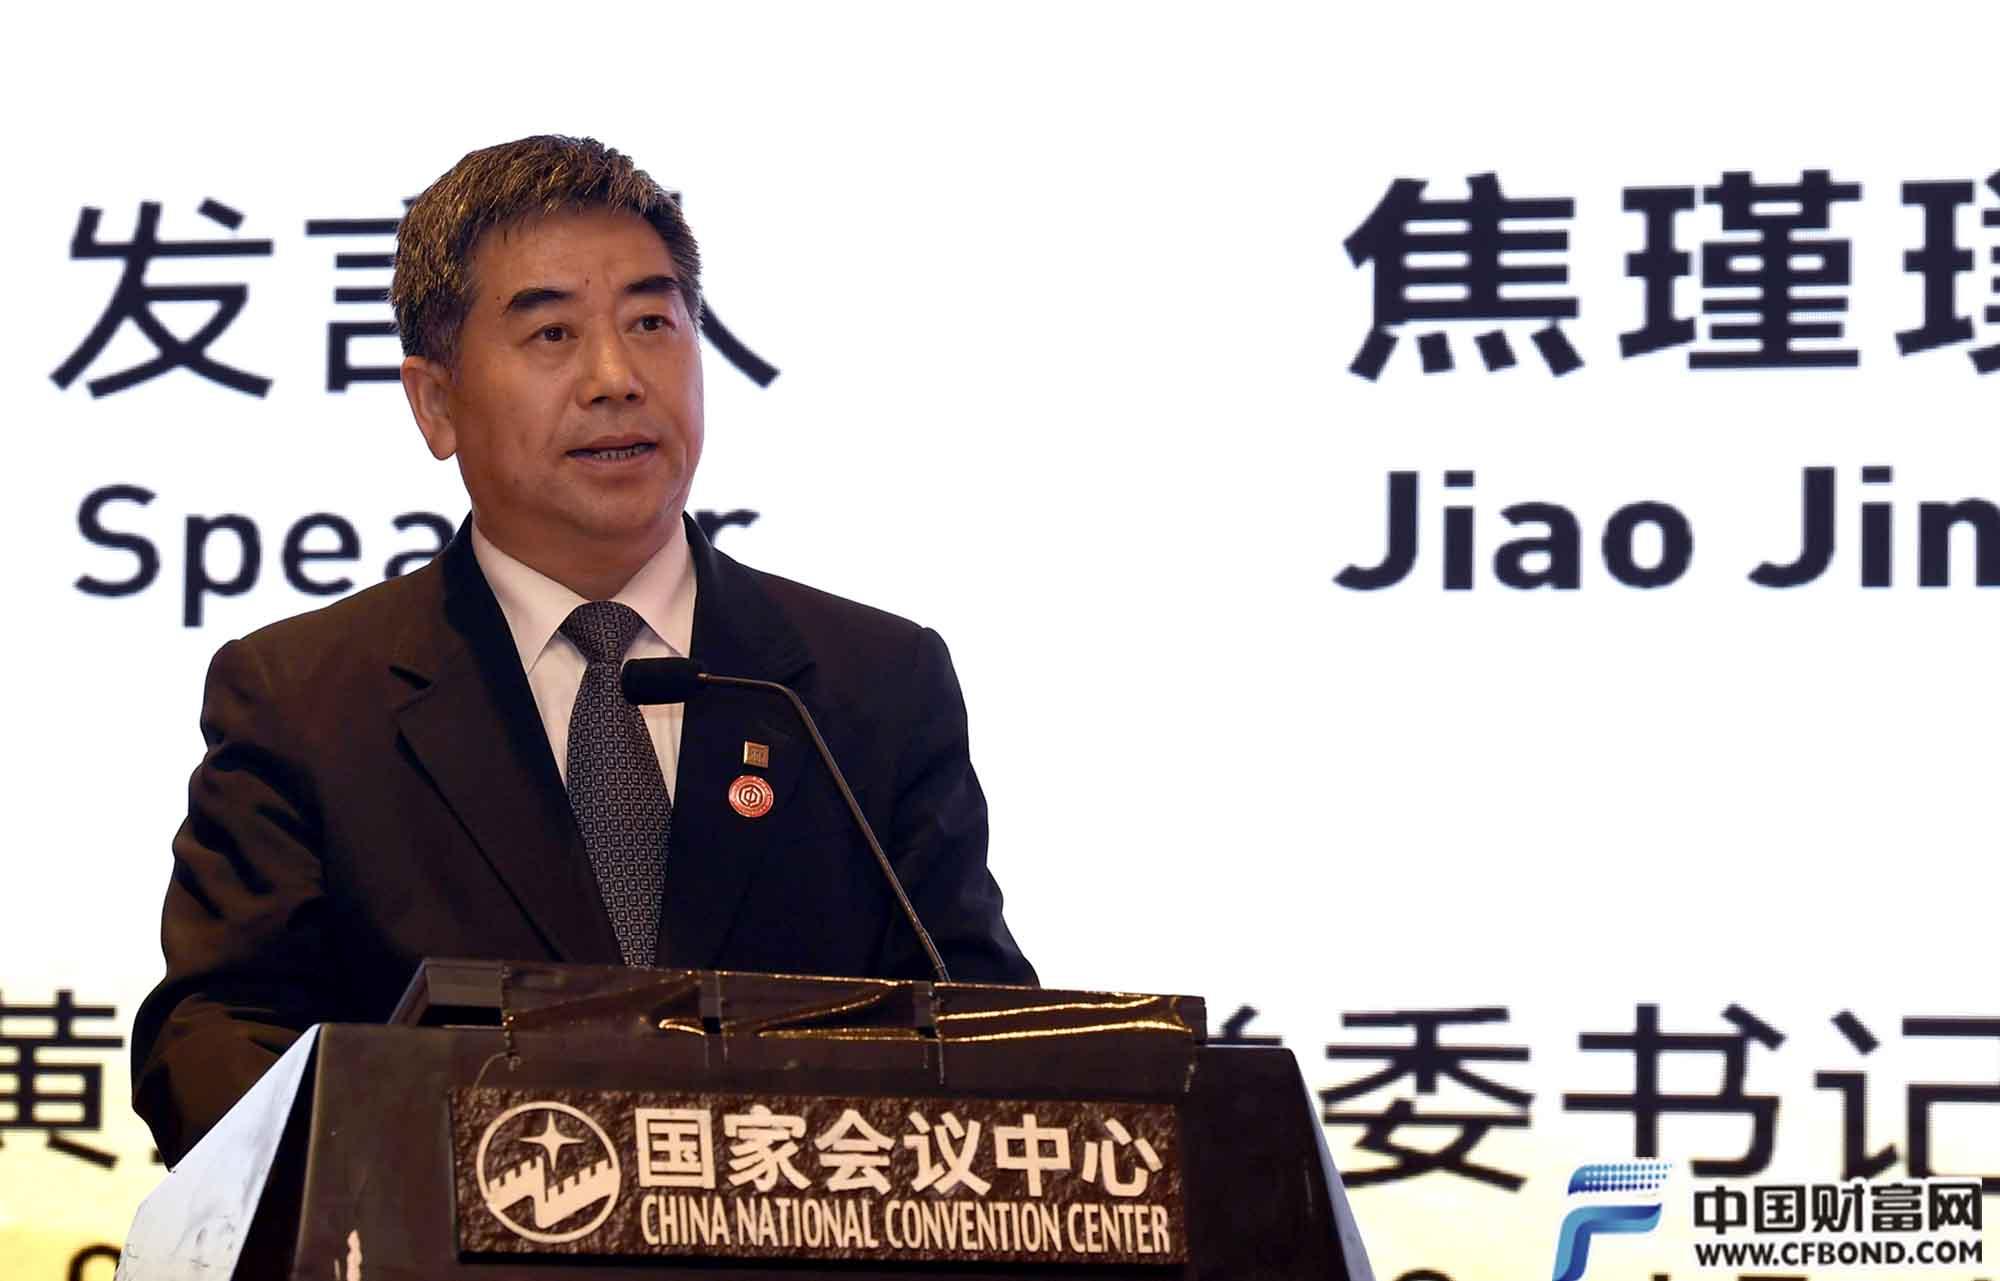 上海黄金交易所党委书记、理事长焦瑾璞发表演讲